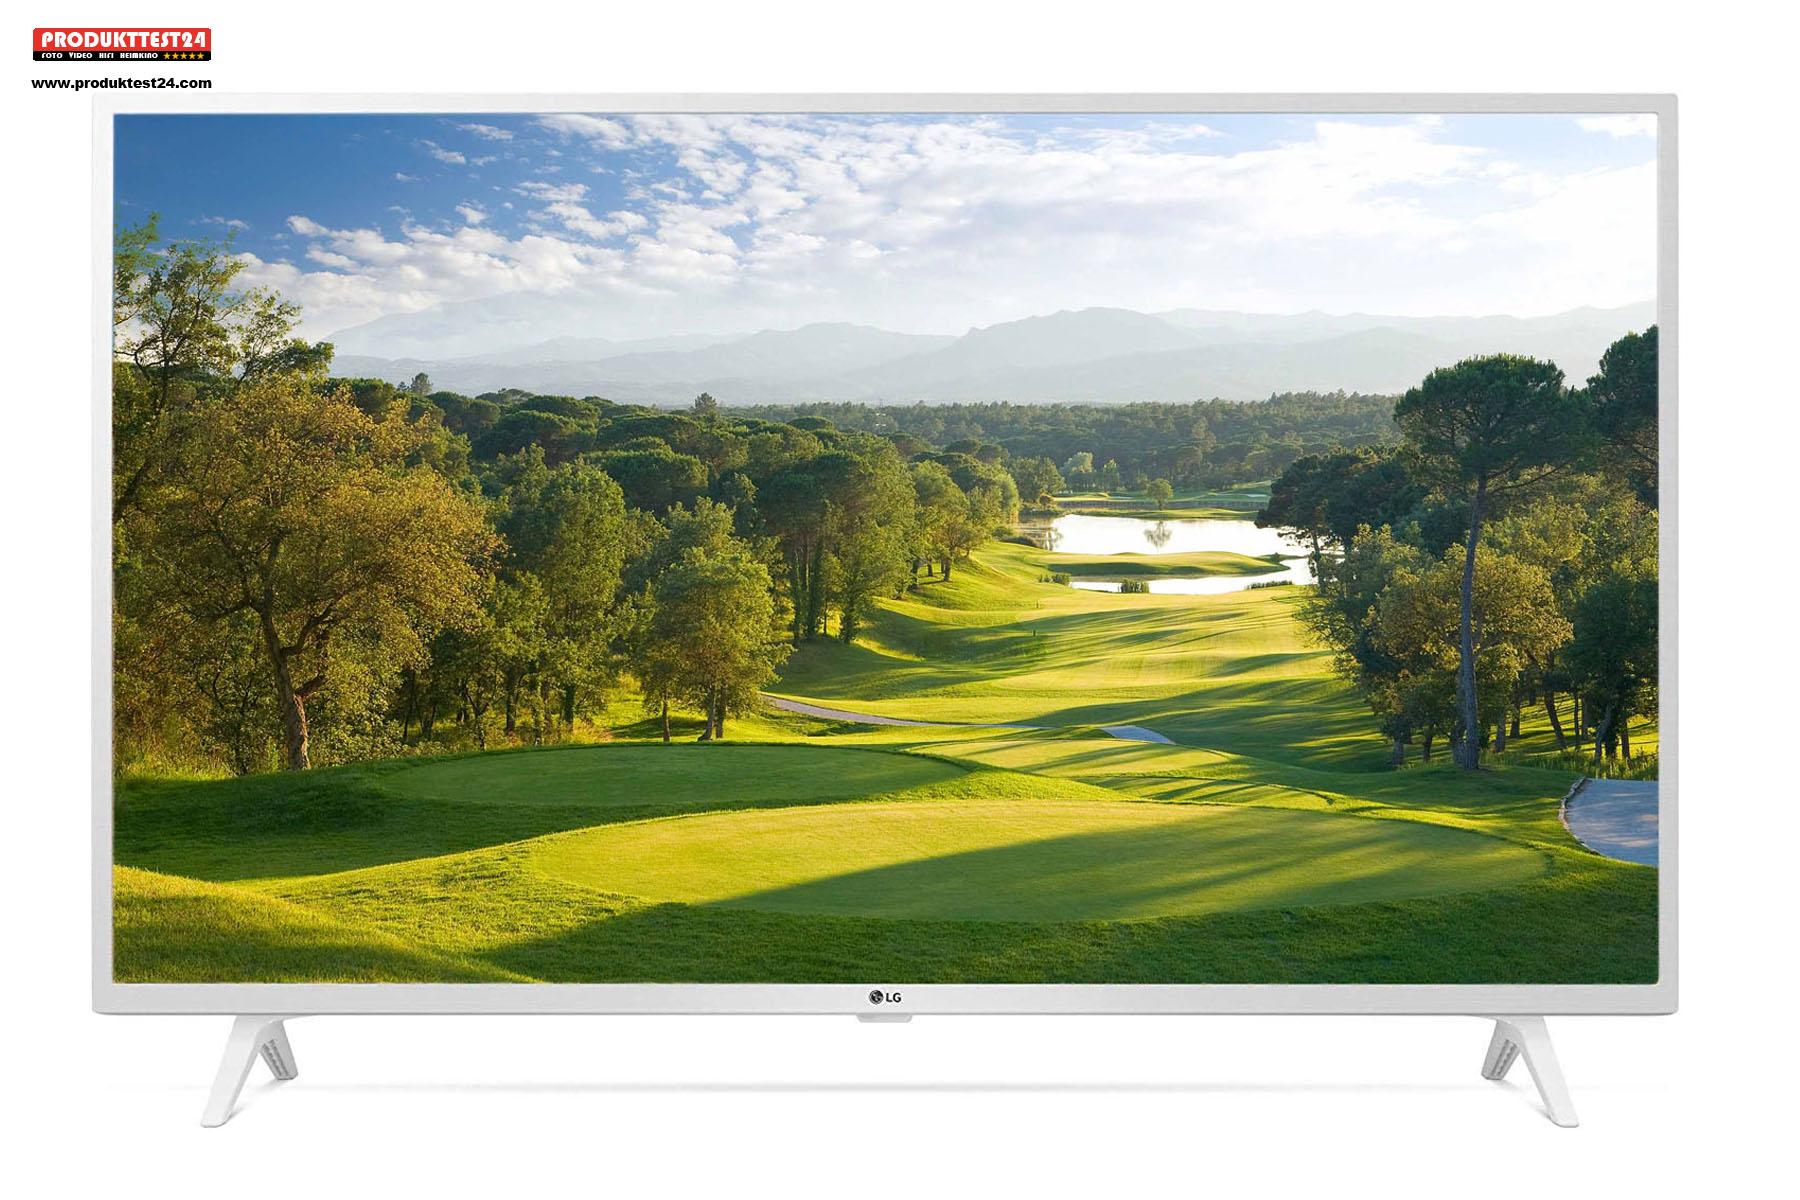 49 Zoll Bilddiagonale, HDR10 Unterstützung, SmartTV mit Sprachsteuerung und Triple Tuner